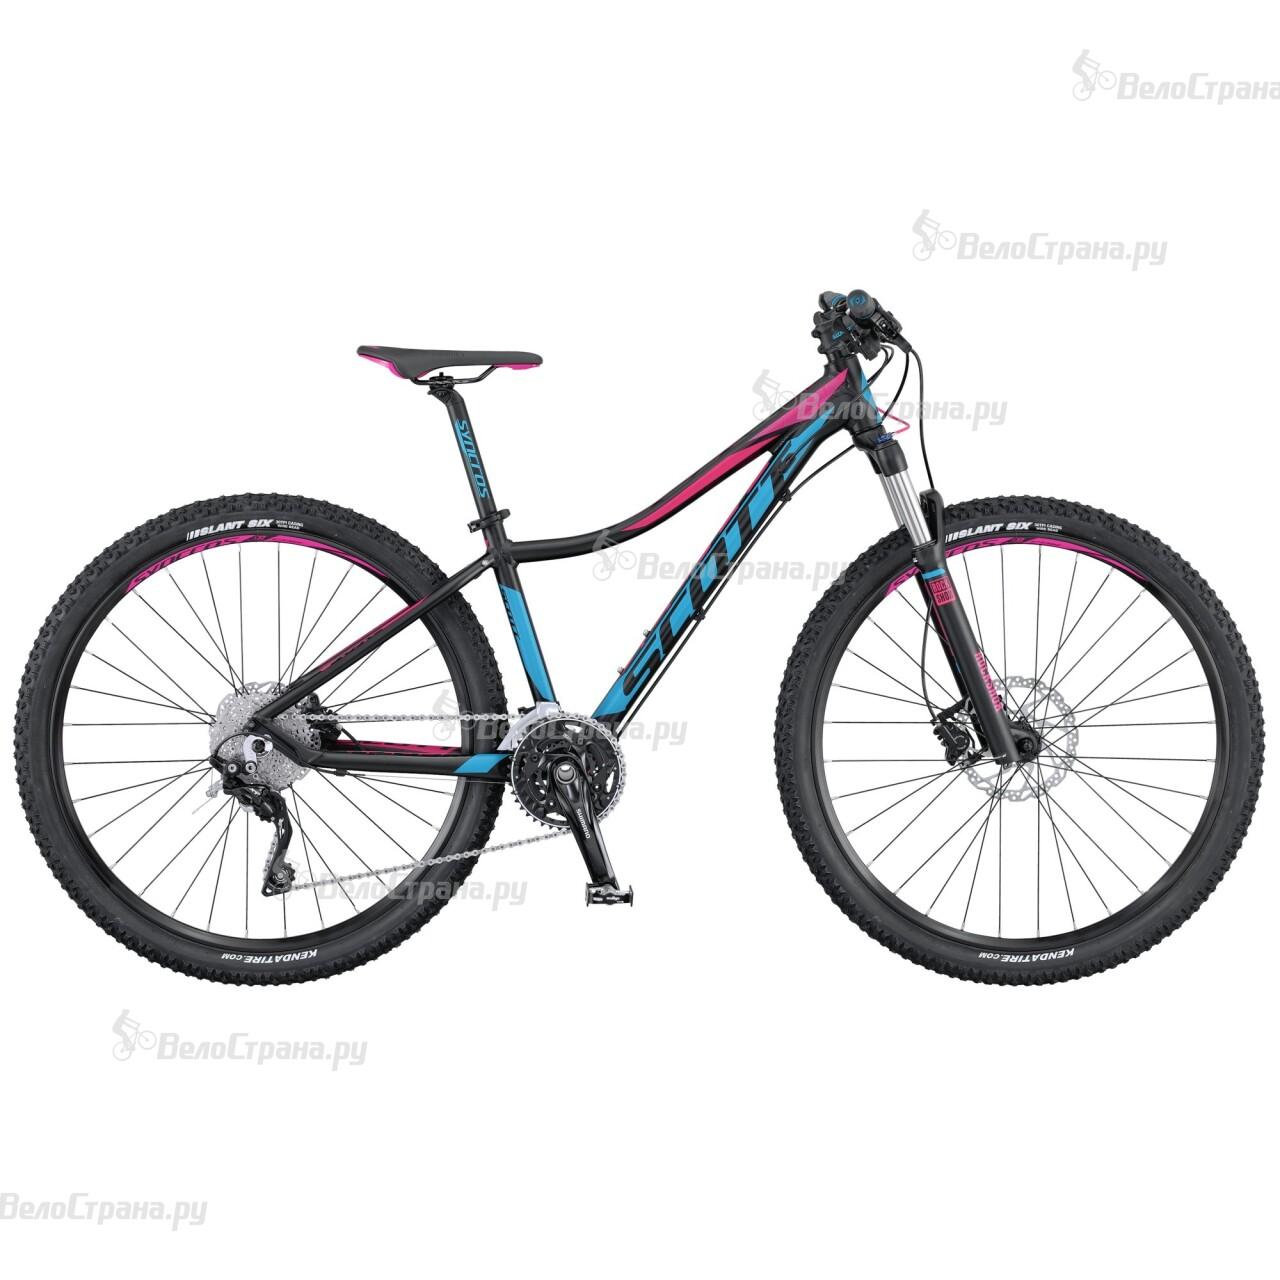 Велосипед Scott Contessa Scale 910 (2016)  велосипед scott contessa scale 700 rc 2016